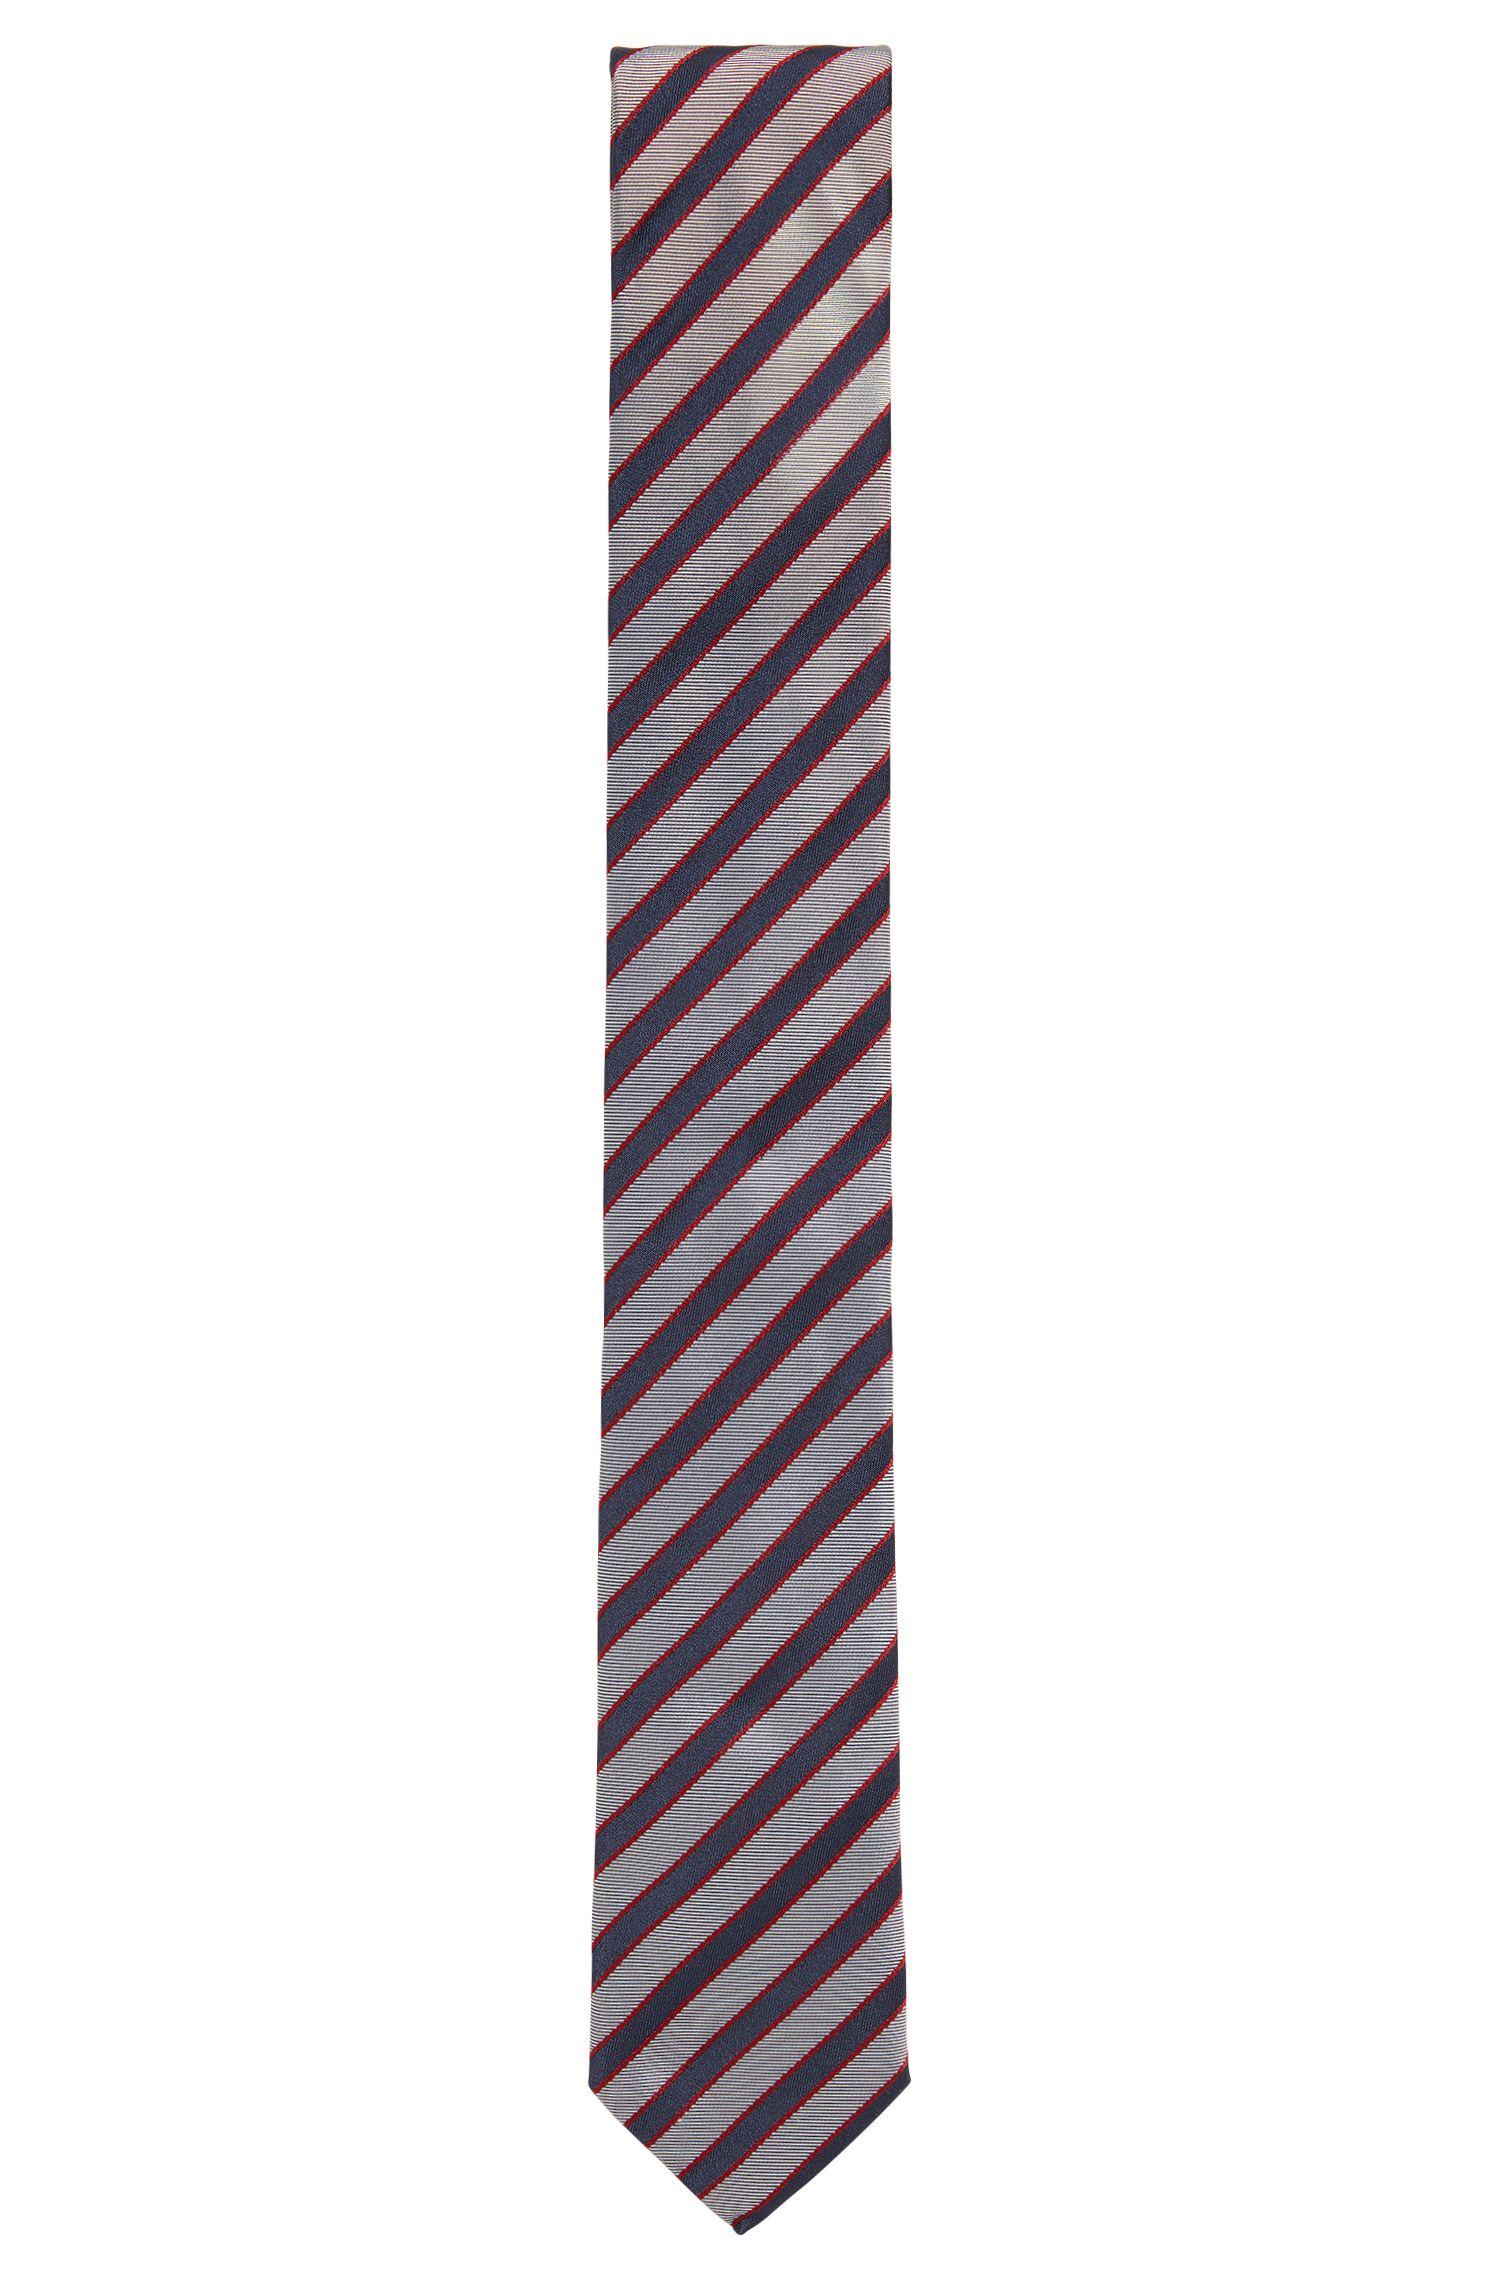 Stropdas in een zijdejacquard met diagonale strepen